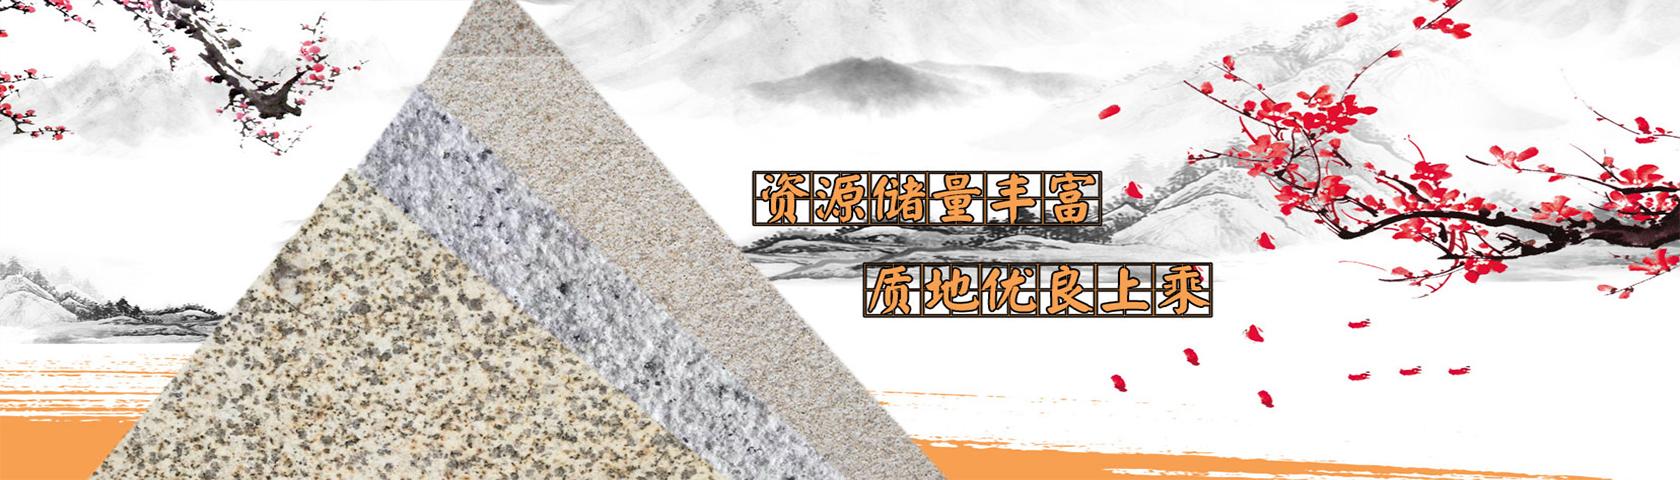 山东黄锈石生产厂